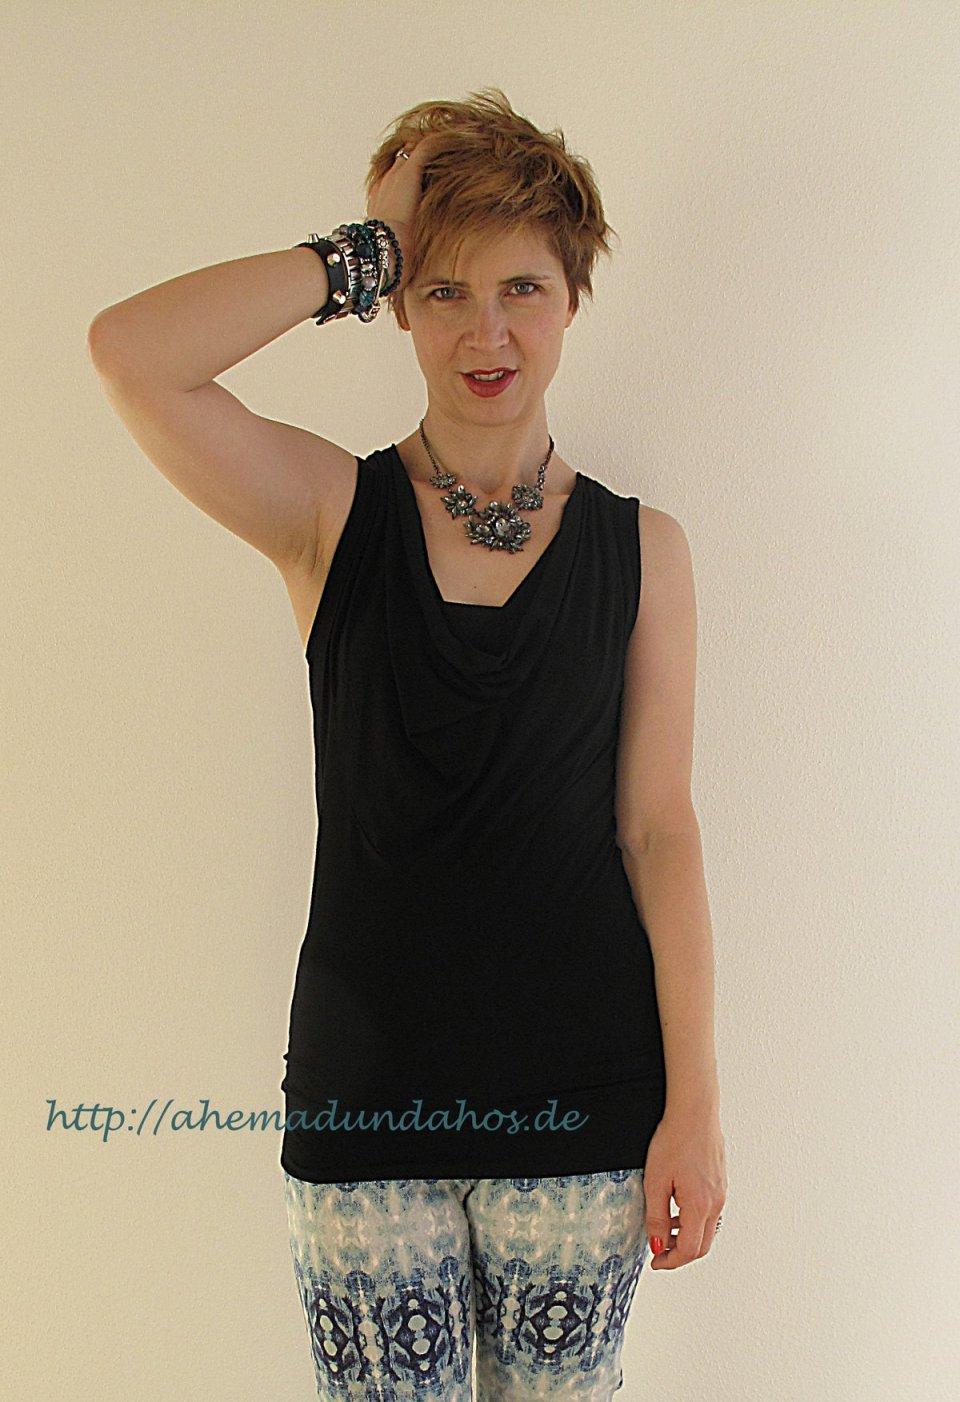 Mode im Alter: Erlaubt ist was gefällt?